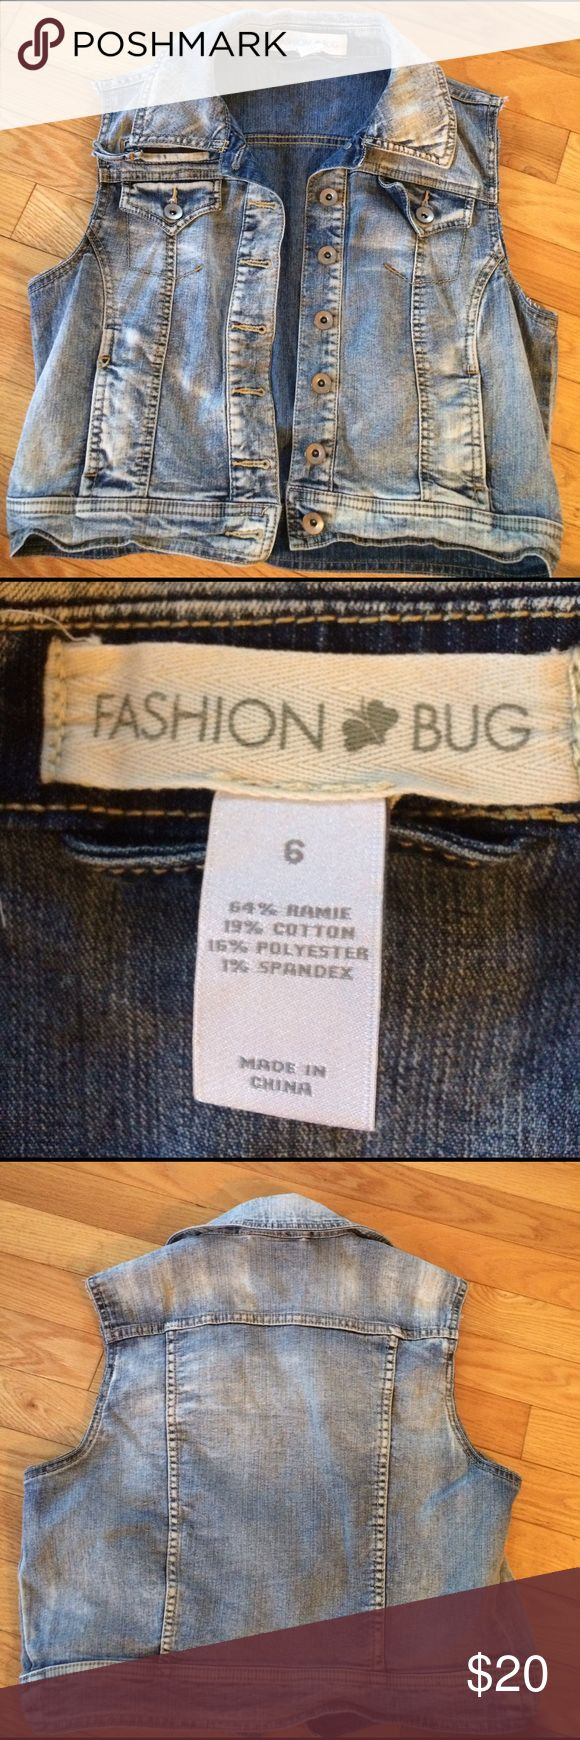 Fashion bug Jr. jean vest size 6 Fashion Bug Jr Size 6 blue denim jeans vest Fashion Bug Jackets & Coats Vests